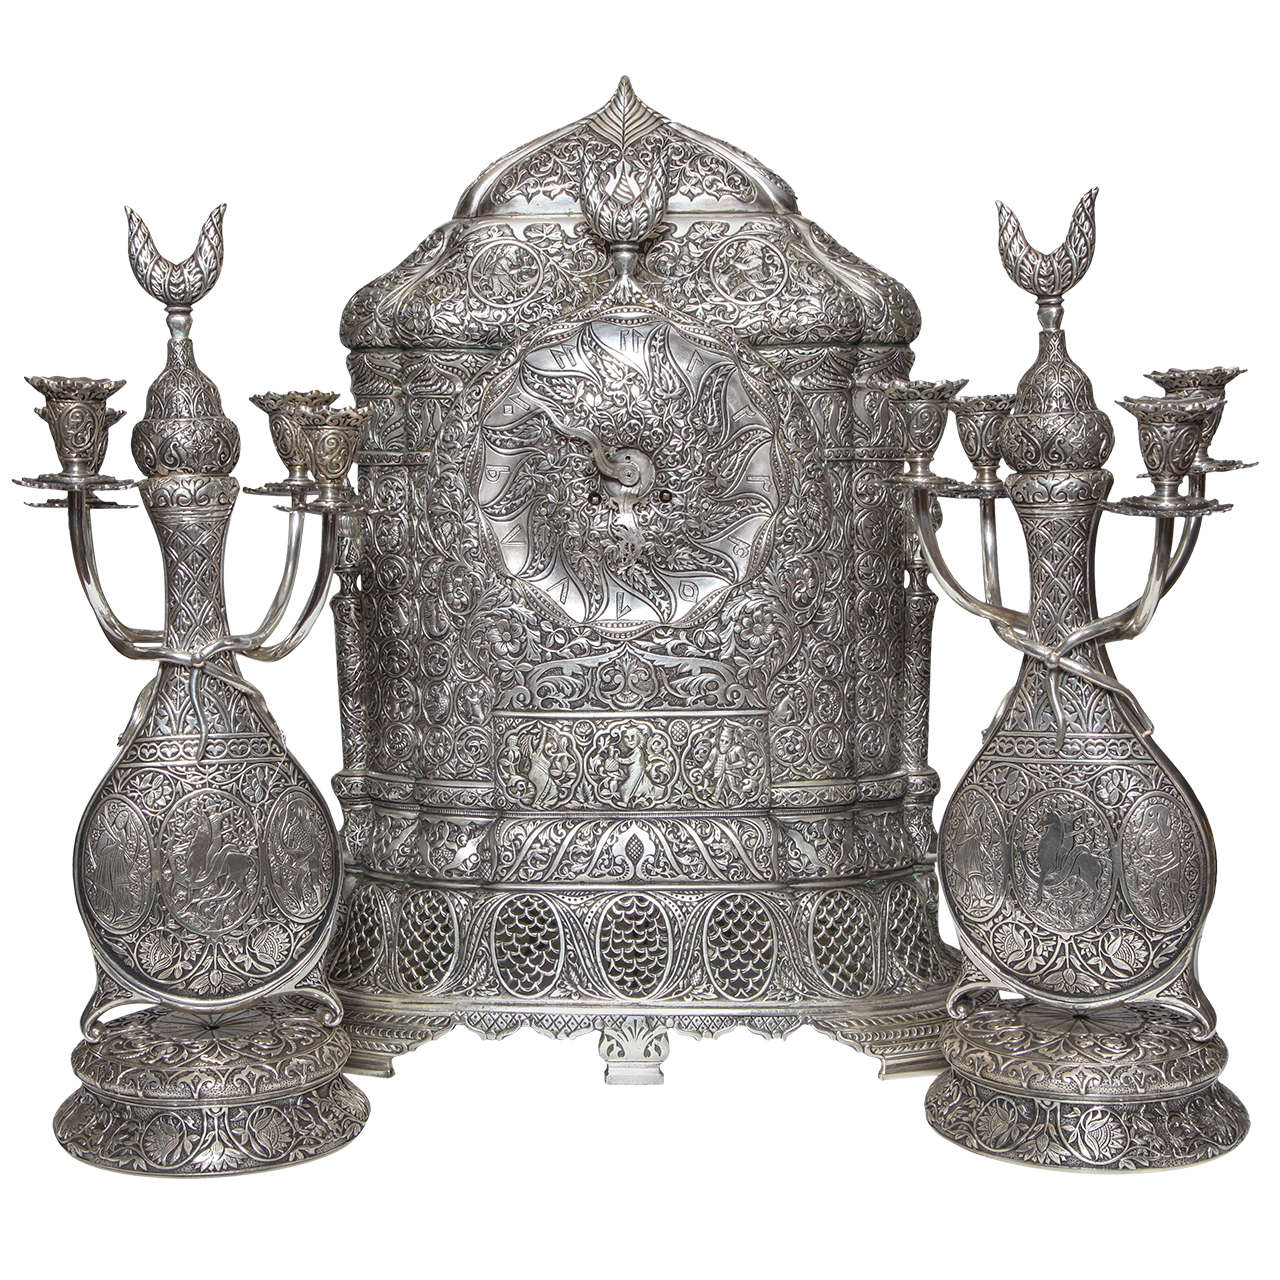 Antique French Orientalist/Islamic 3-Piece Silvered Bronze Clock Garniture